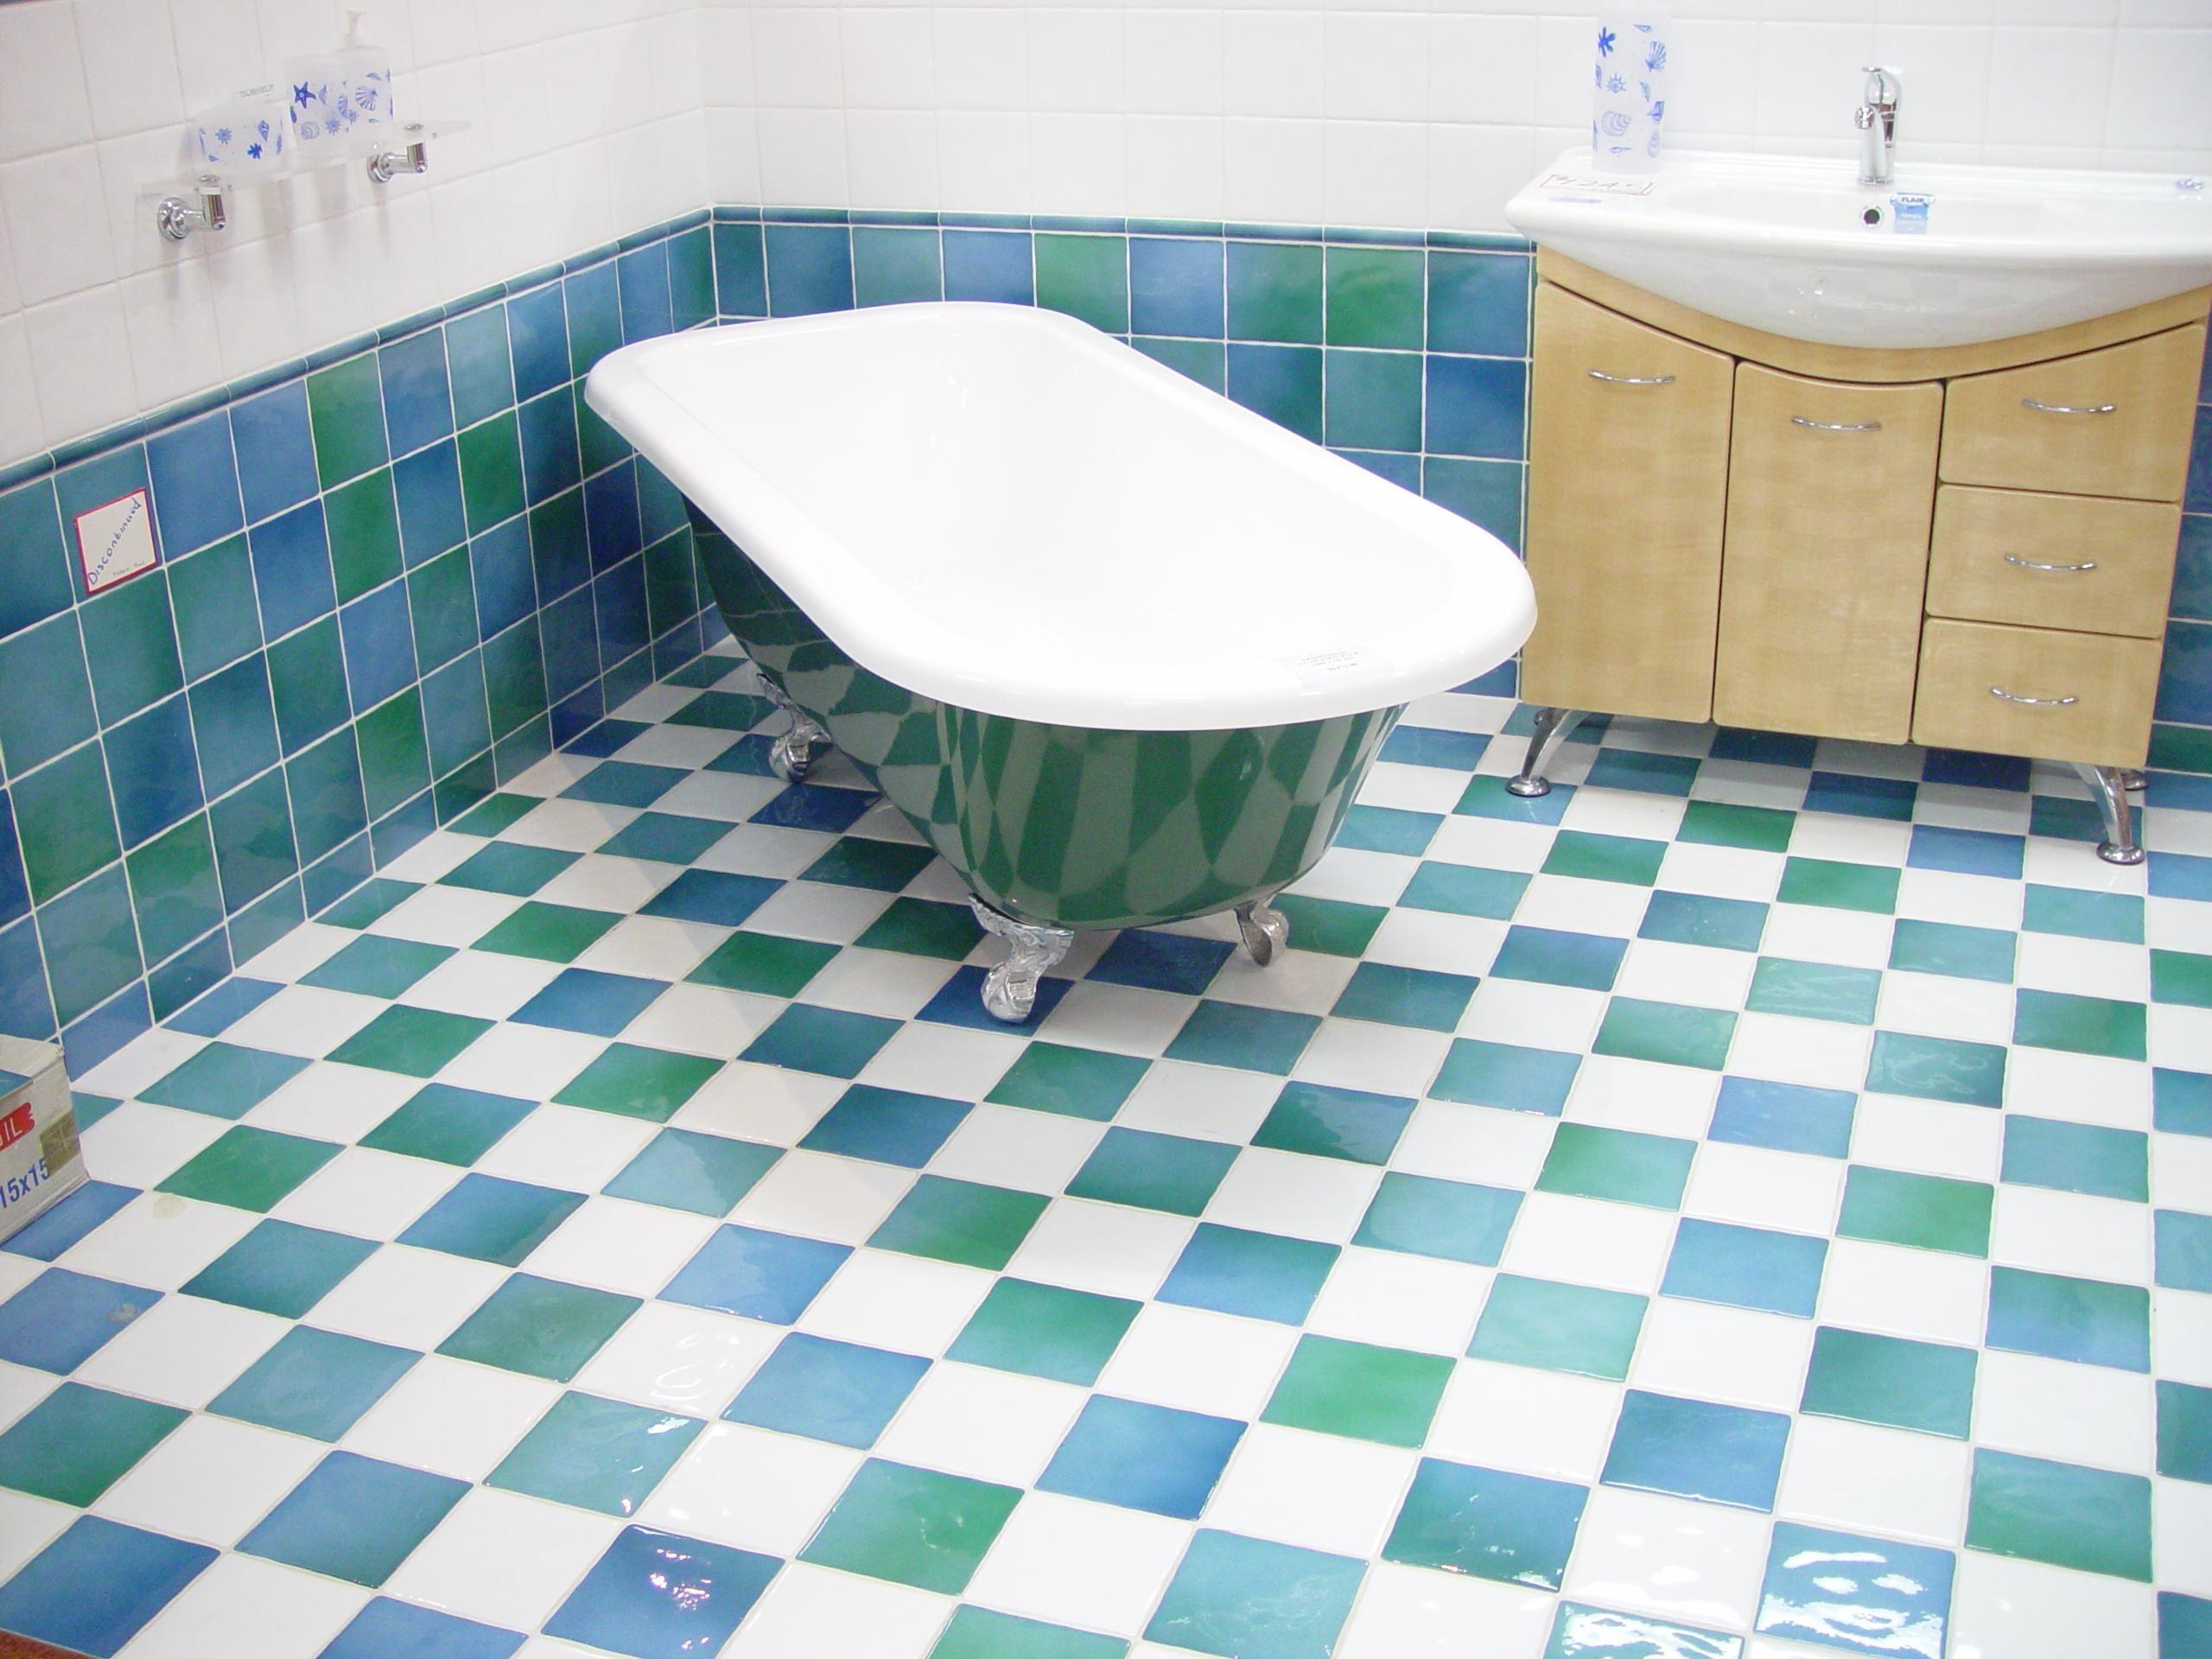 Image Libre Baignoire Vert Bleu Blanc Tuiles